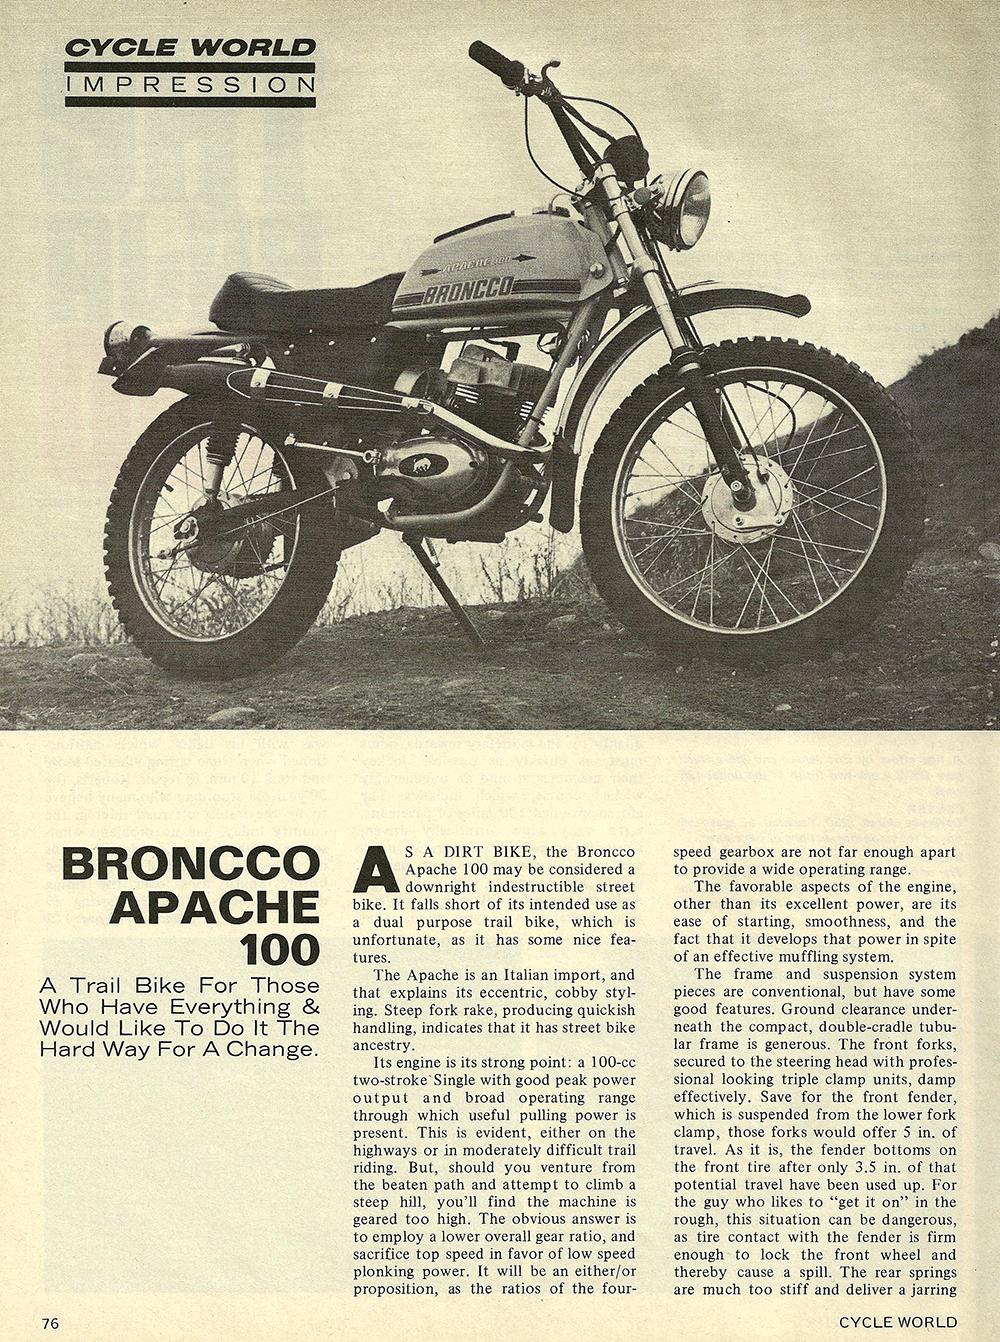 1971 Broncco Apache 100 road test 01.jpg